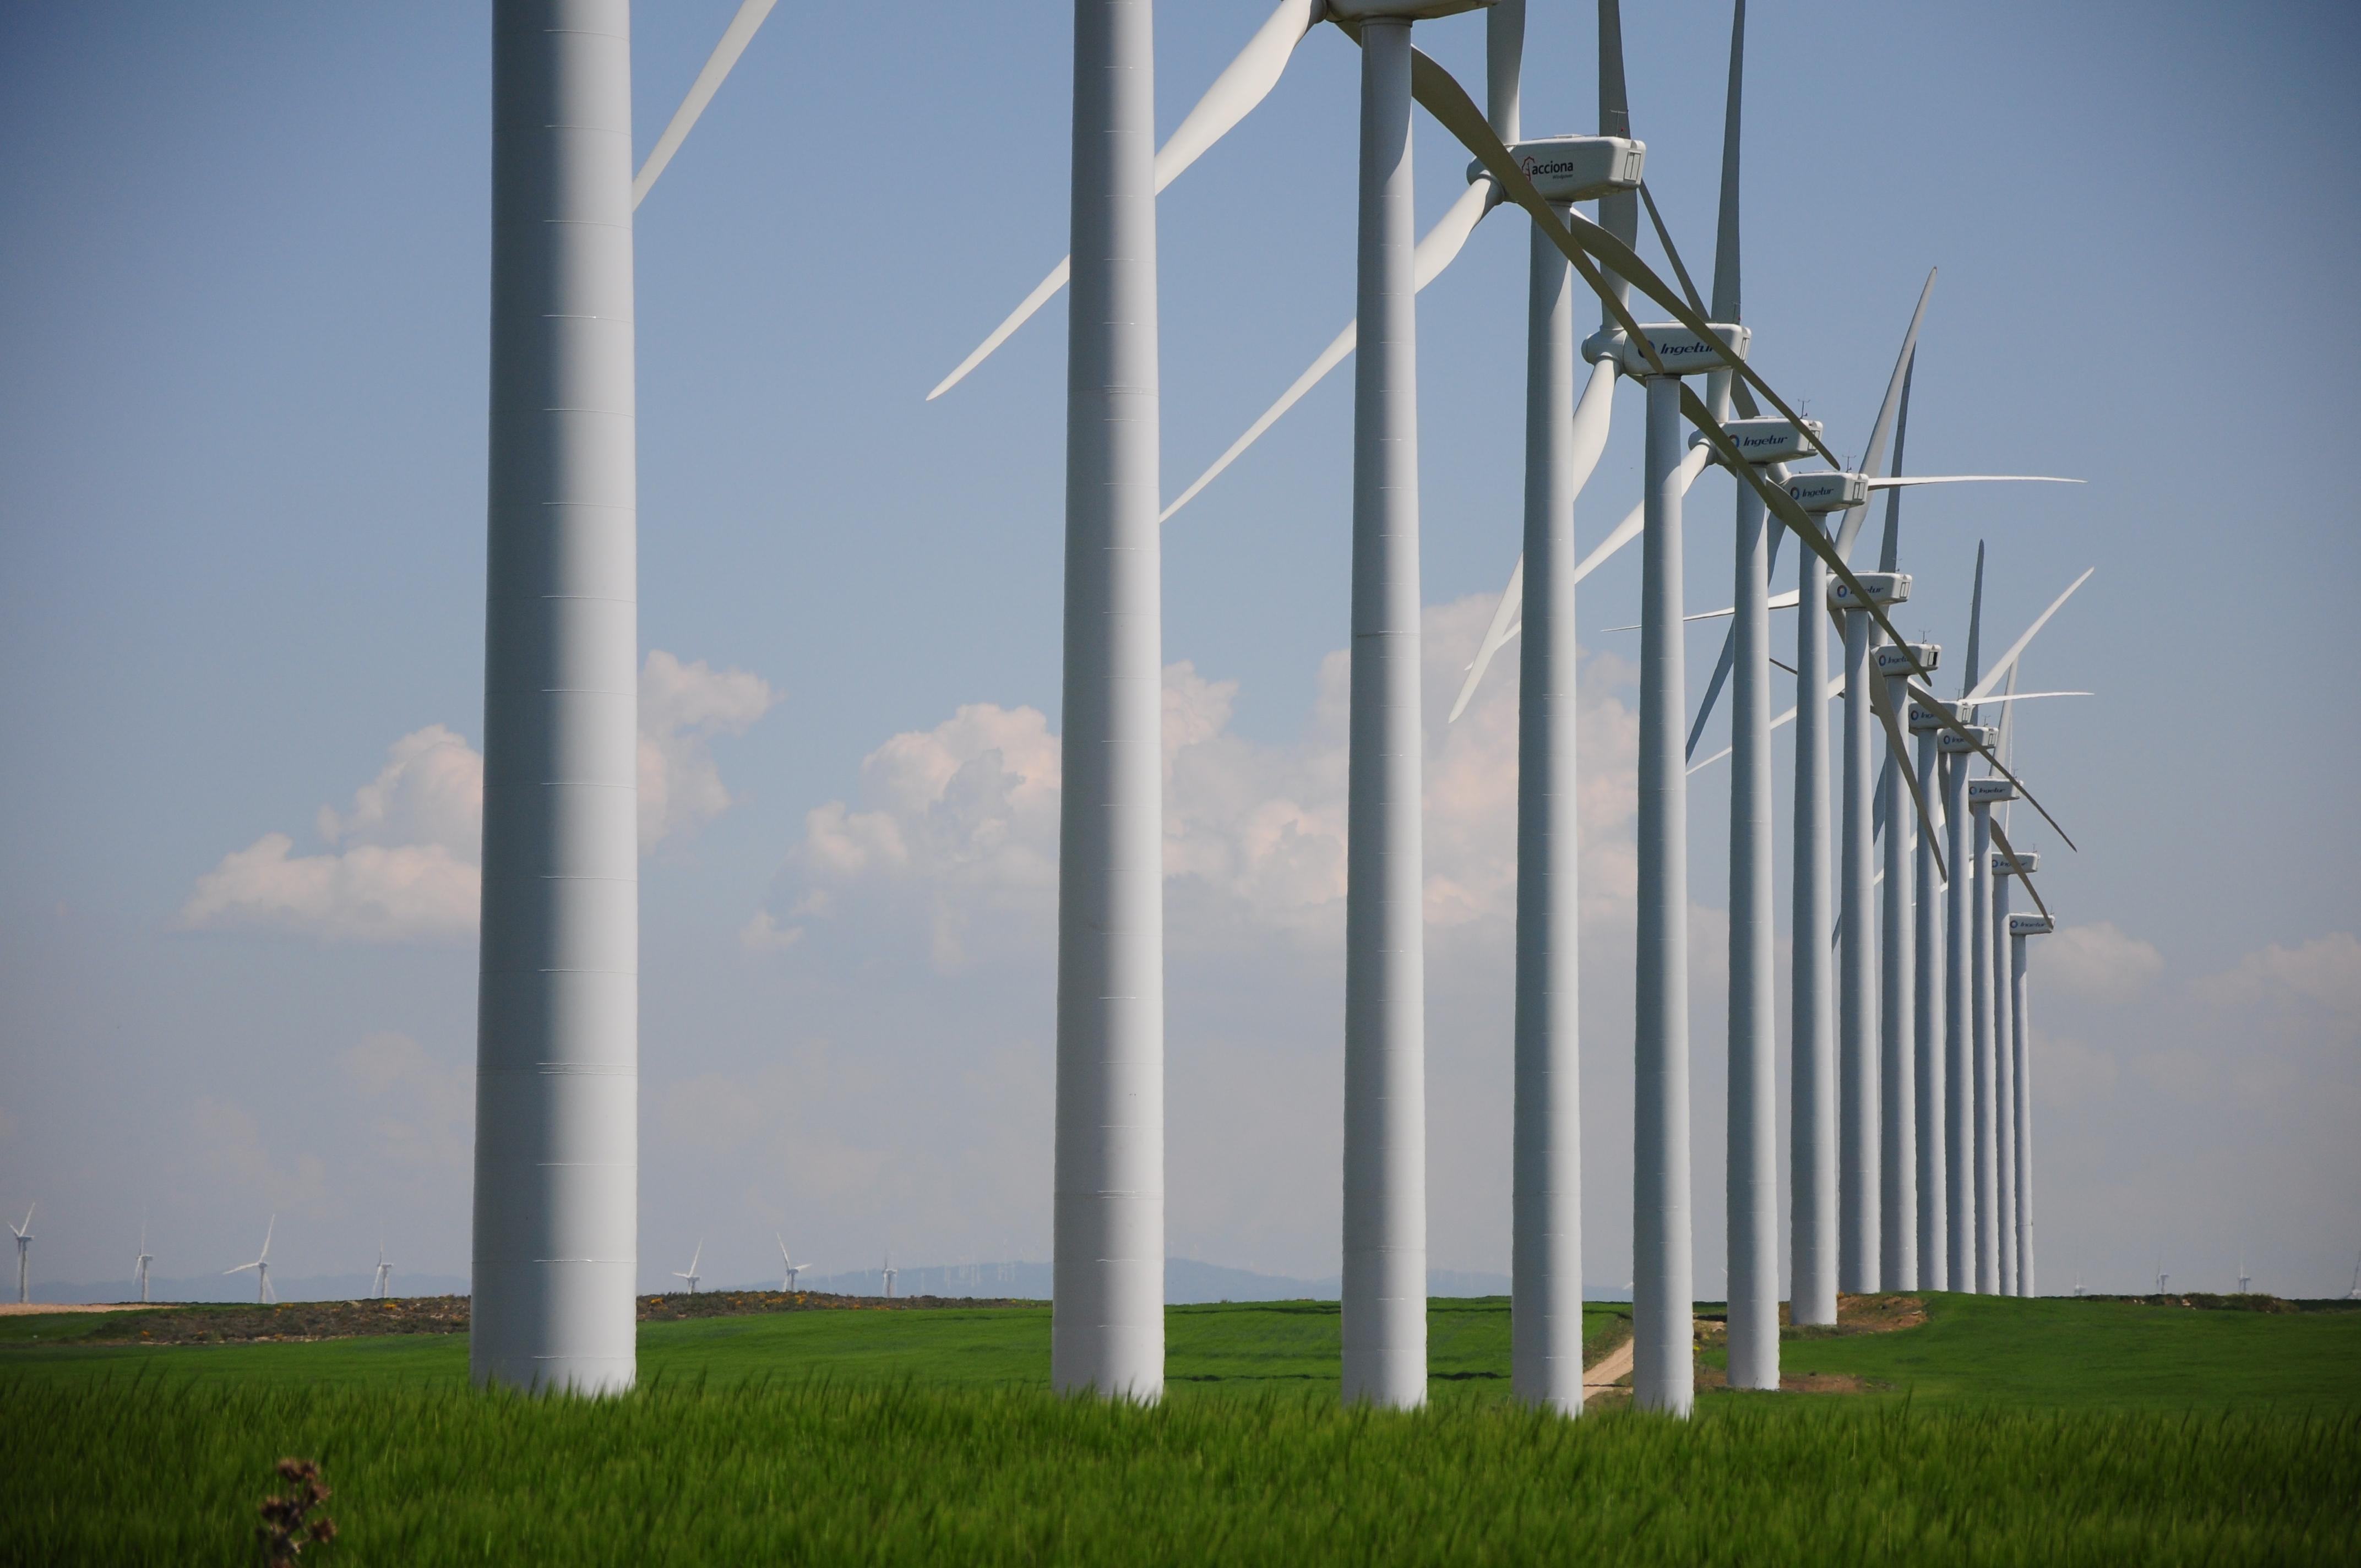 Eólica en Panamá: Traslado de los 110 aerogeneradores al parque eólico de Penonomé